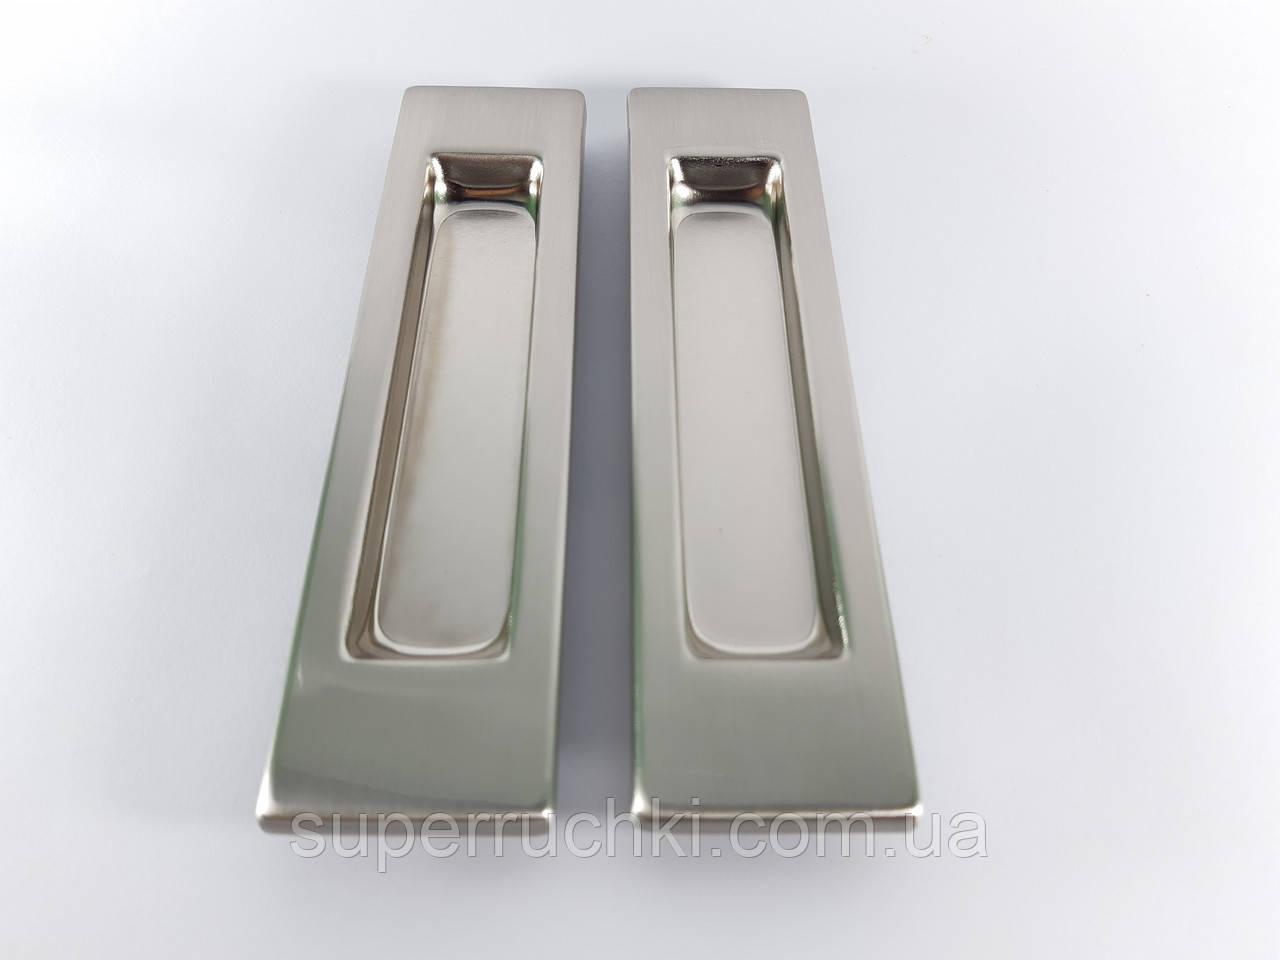 Ручка для раздвижных дверей прямая USK SN (матовый никель)